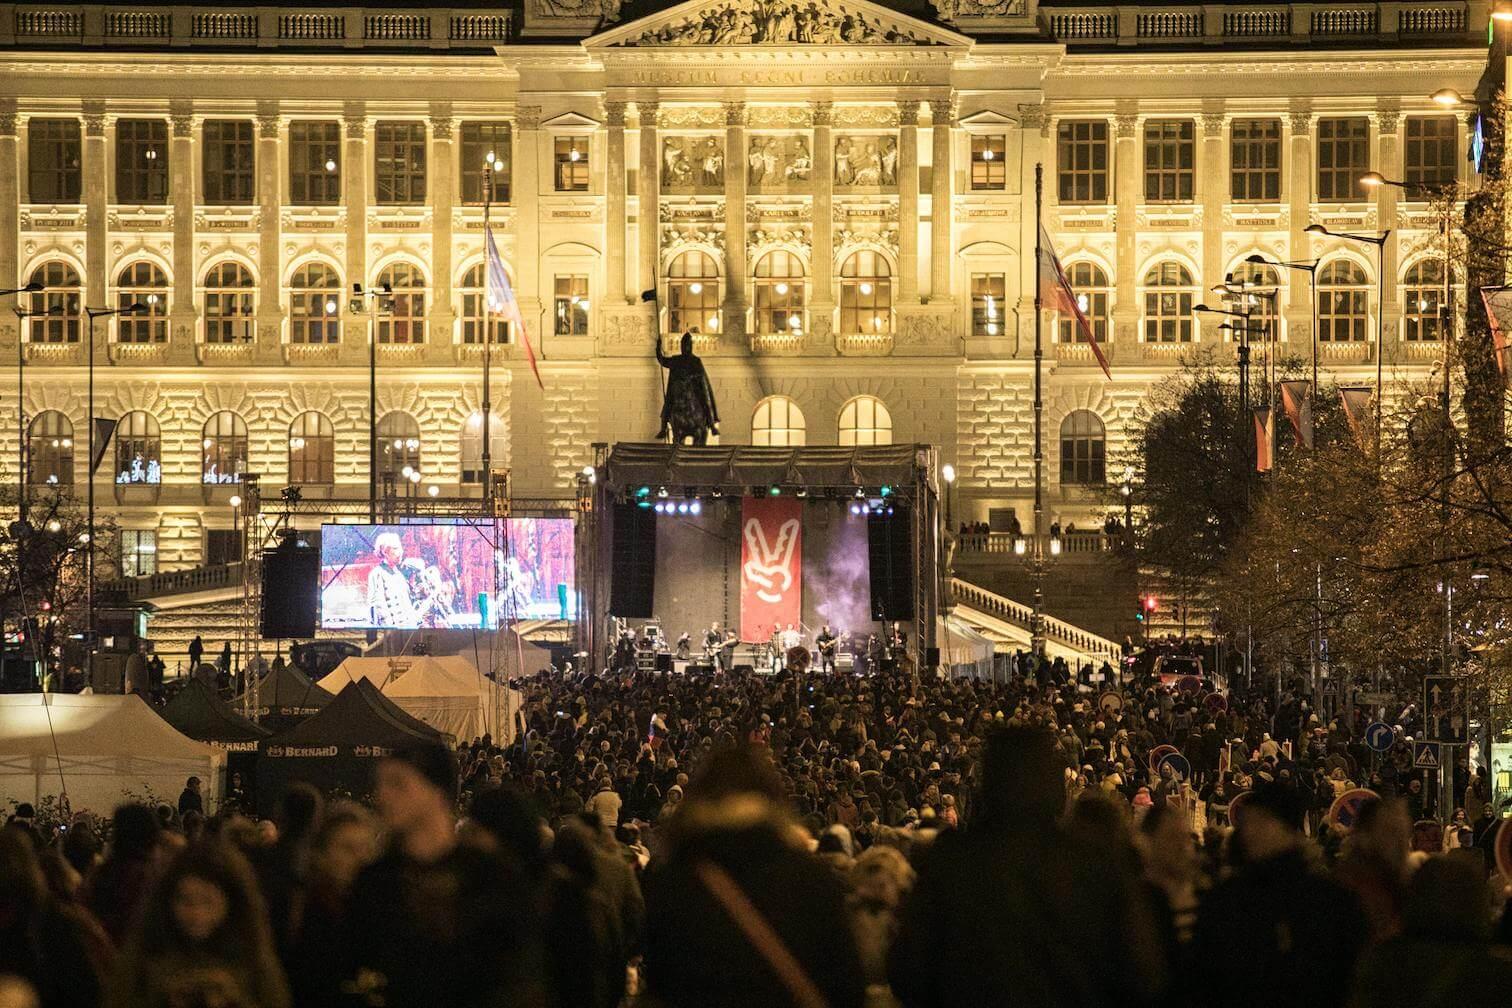 Foto: archiv Koncert pro budoucnost, Nerudný fest.cz